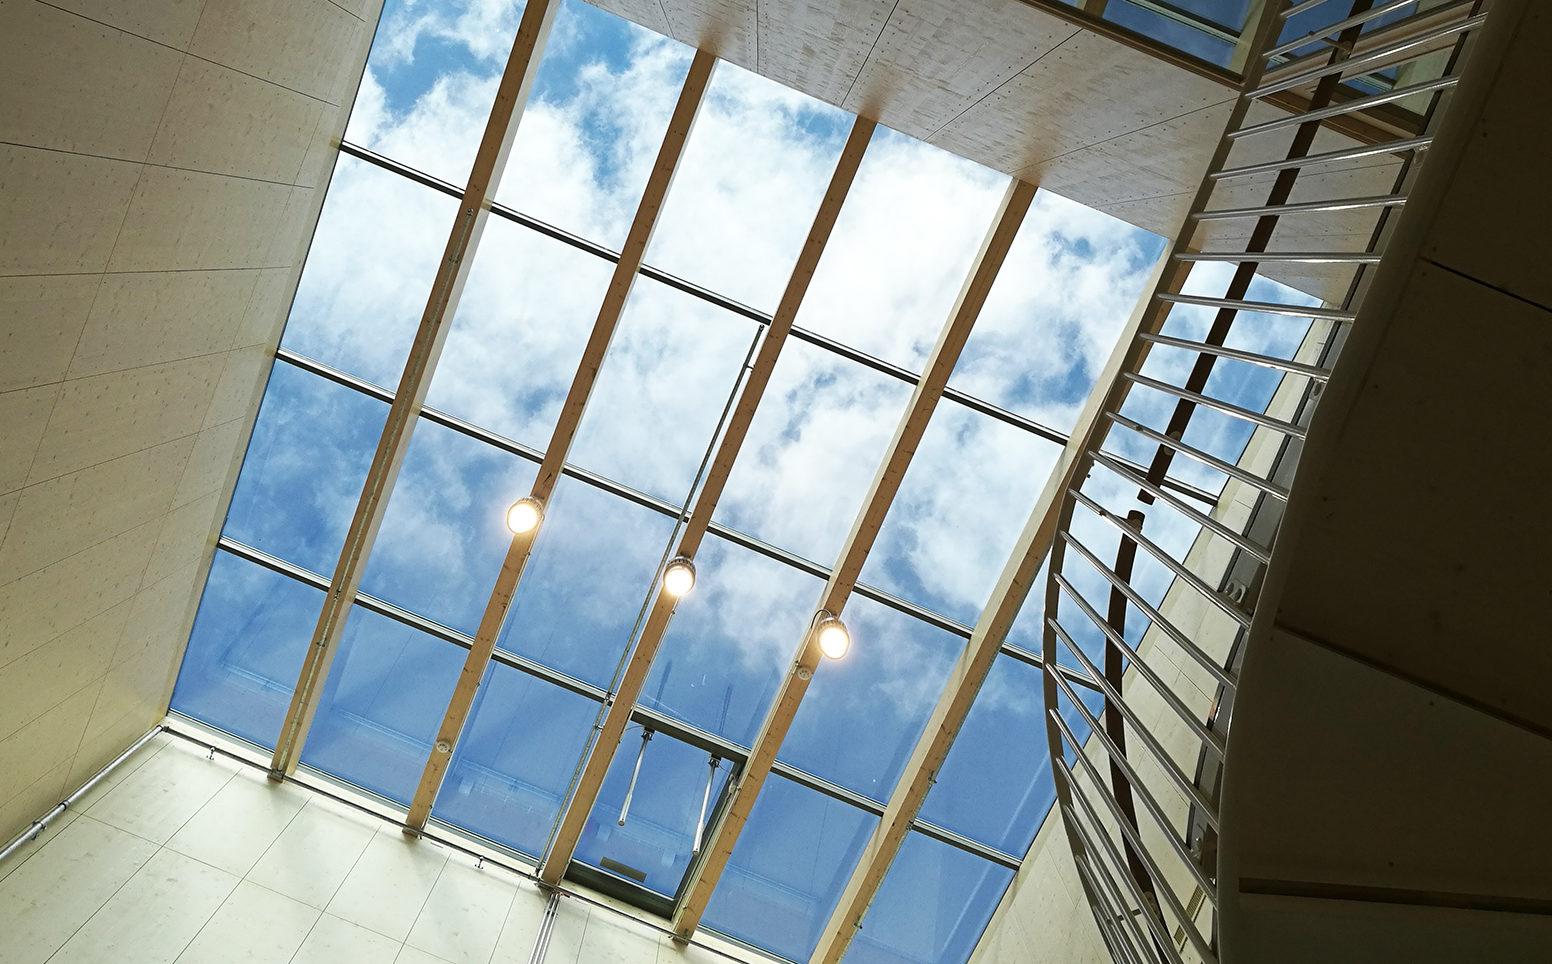 Puukoulu saa valoa suurten kattoikkunoiden kautta. Kuva: Anna Kauppi